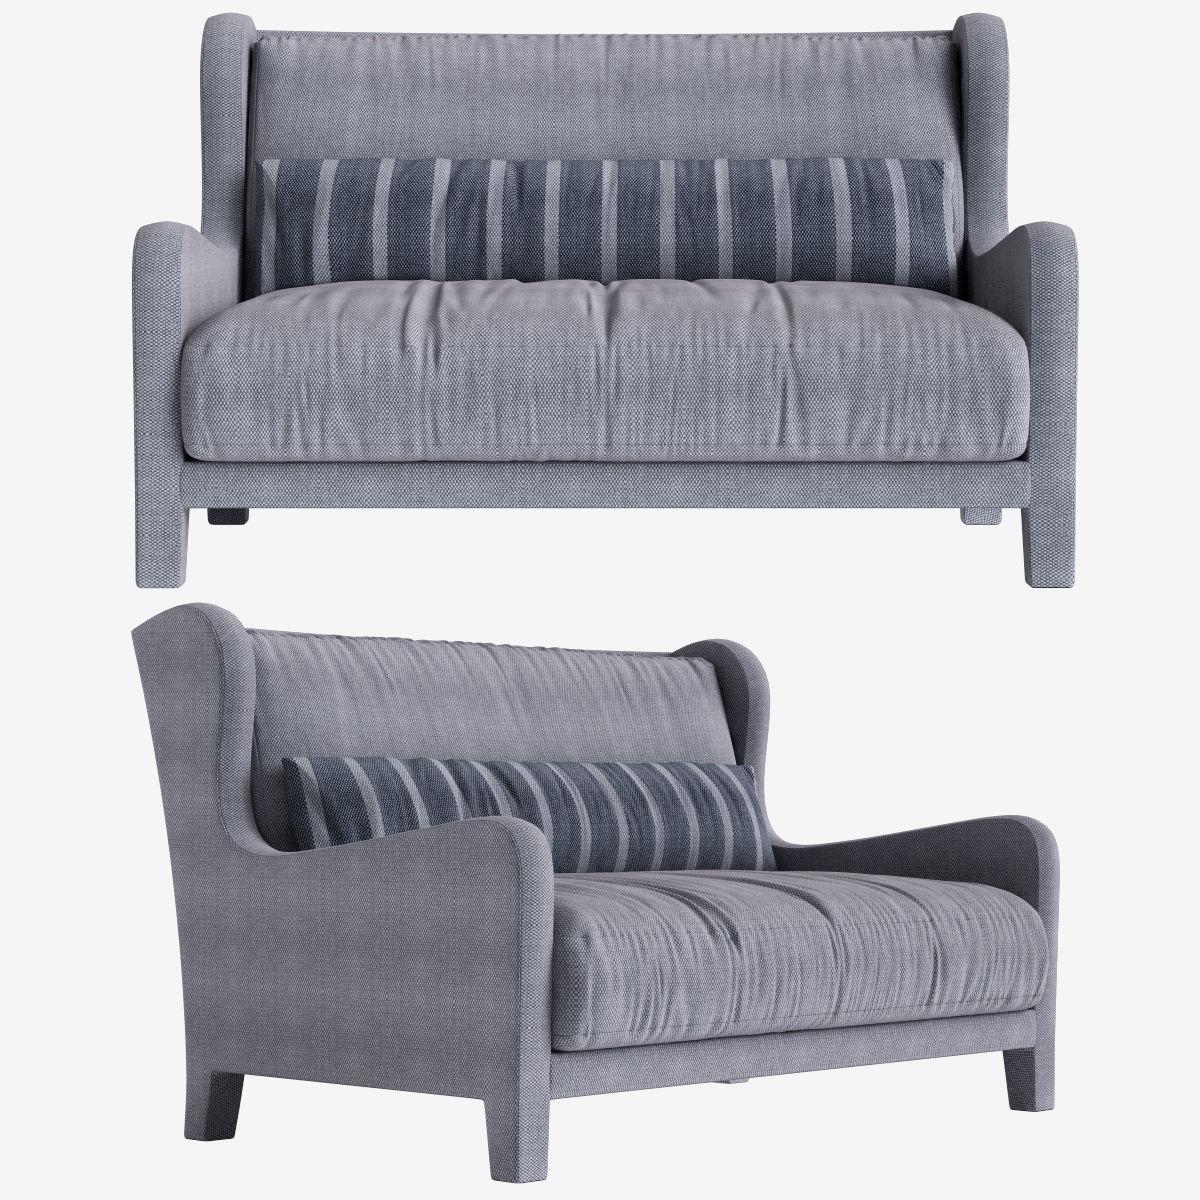 Sofa Foster Soft  Meridiani l140 x d97 x h90 art 48915